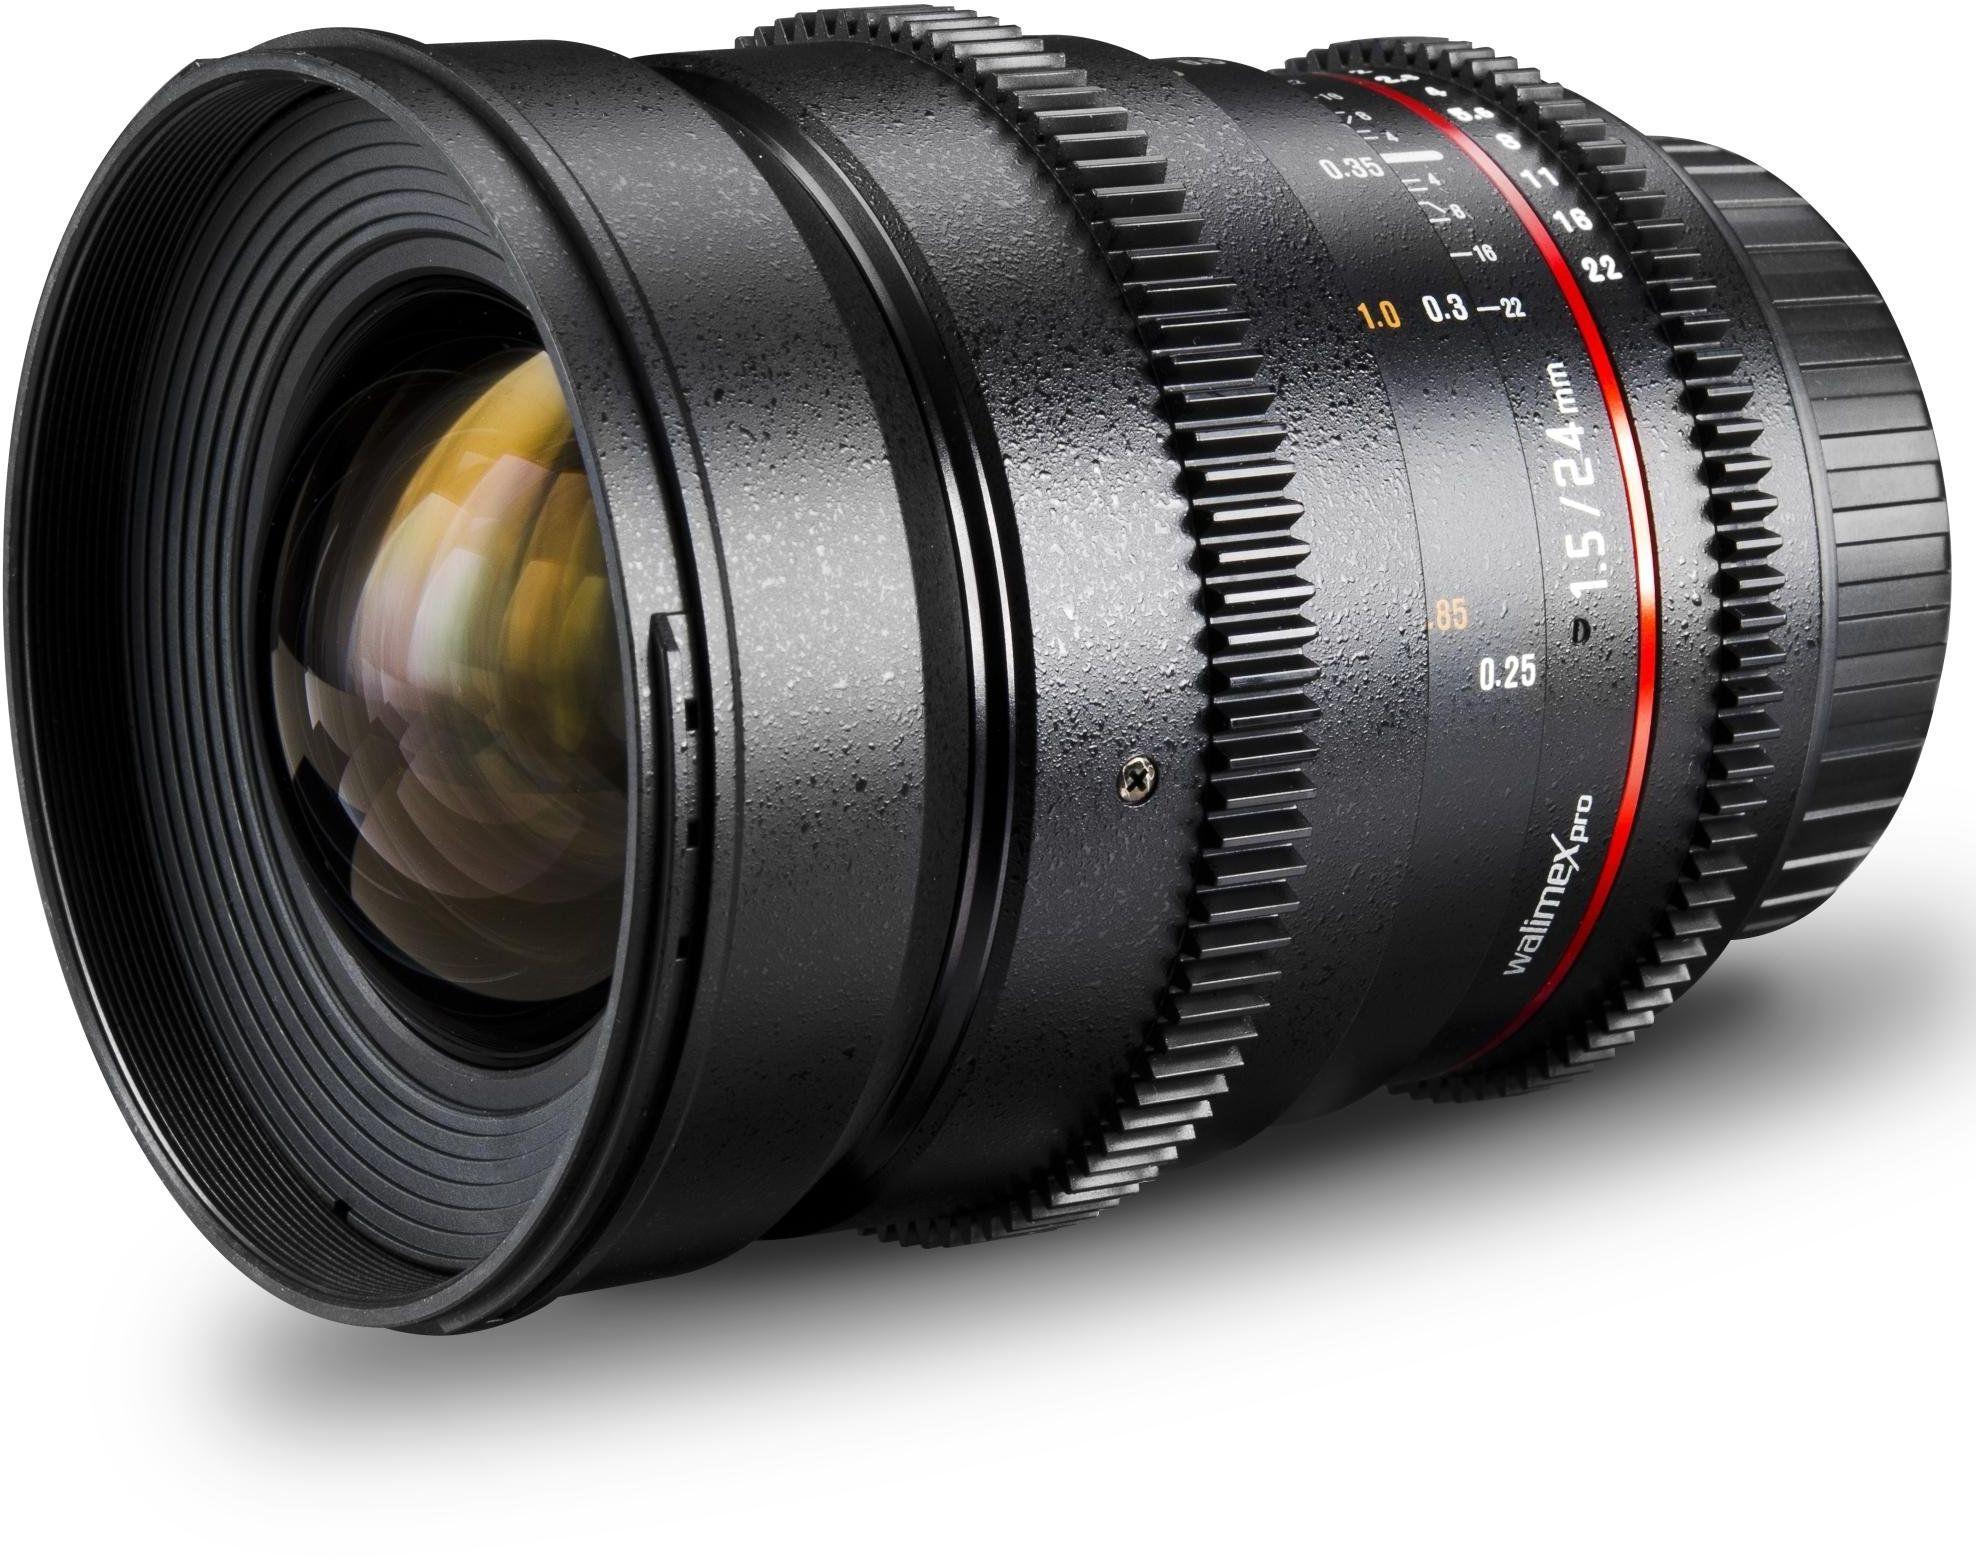 Walimex Pro 24 mm 1:1,5 VDSLR obiektyw fotograficzny i wideo do bagnetów Nikon F czarny (ręczne ostrość, do pełnoklatkowego czujnika, średnica filtra 77 mm, bezstopniowa regulacja przysłony)